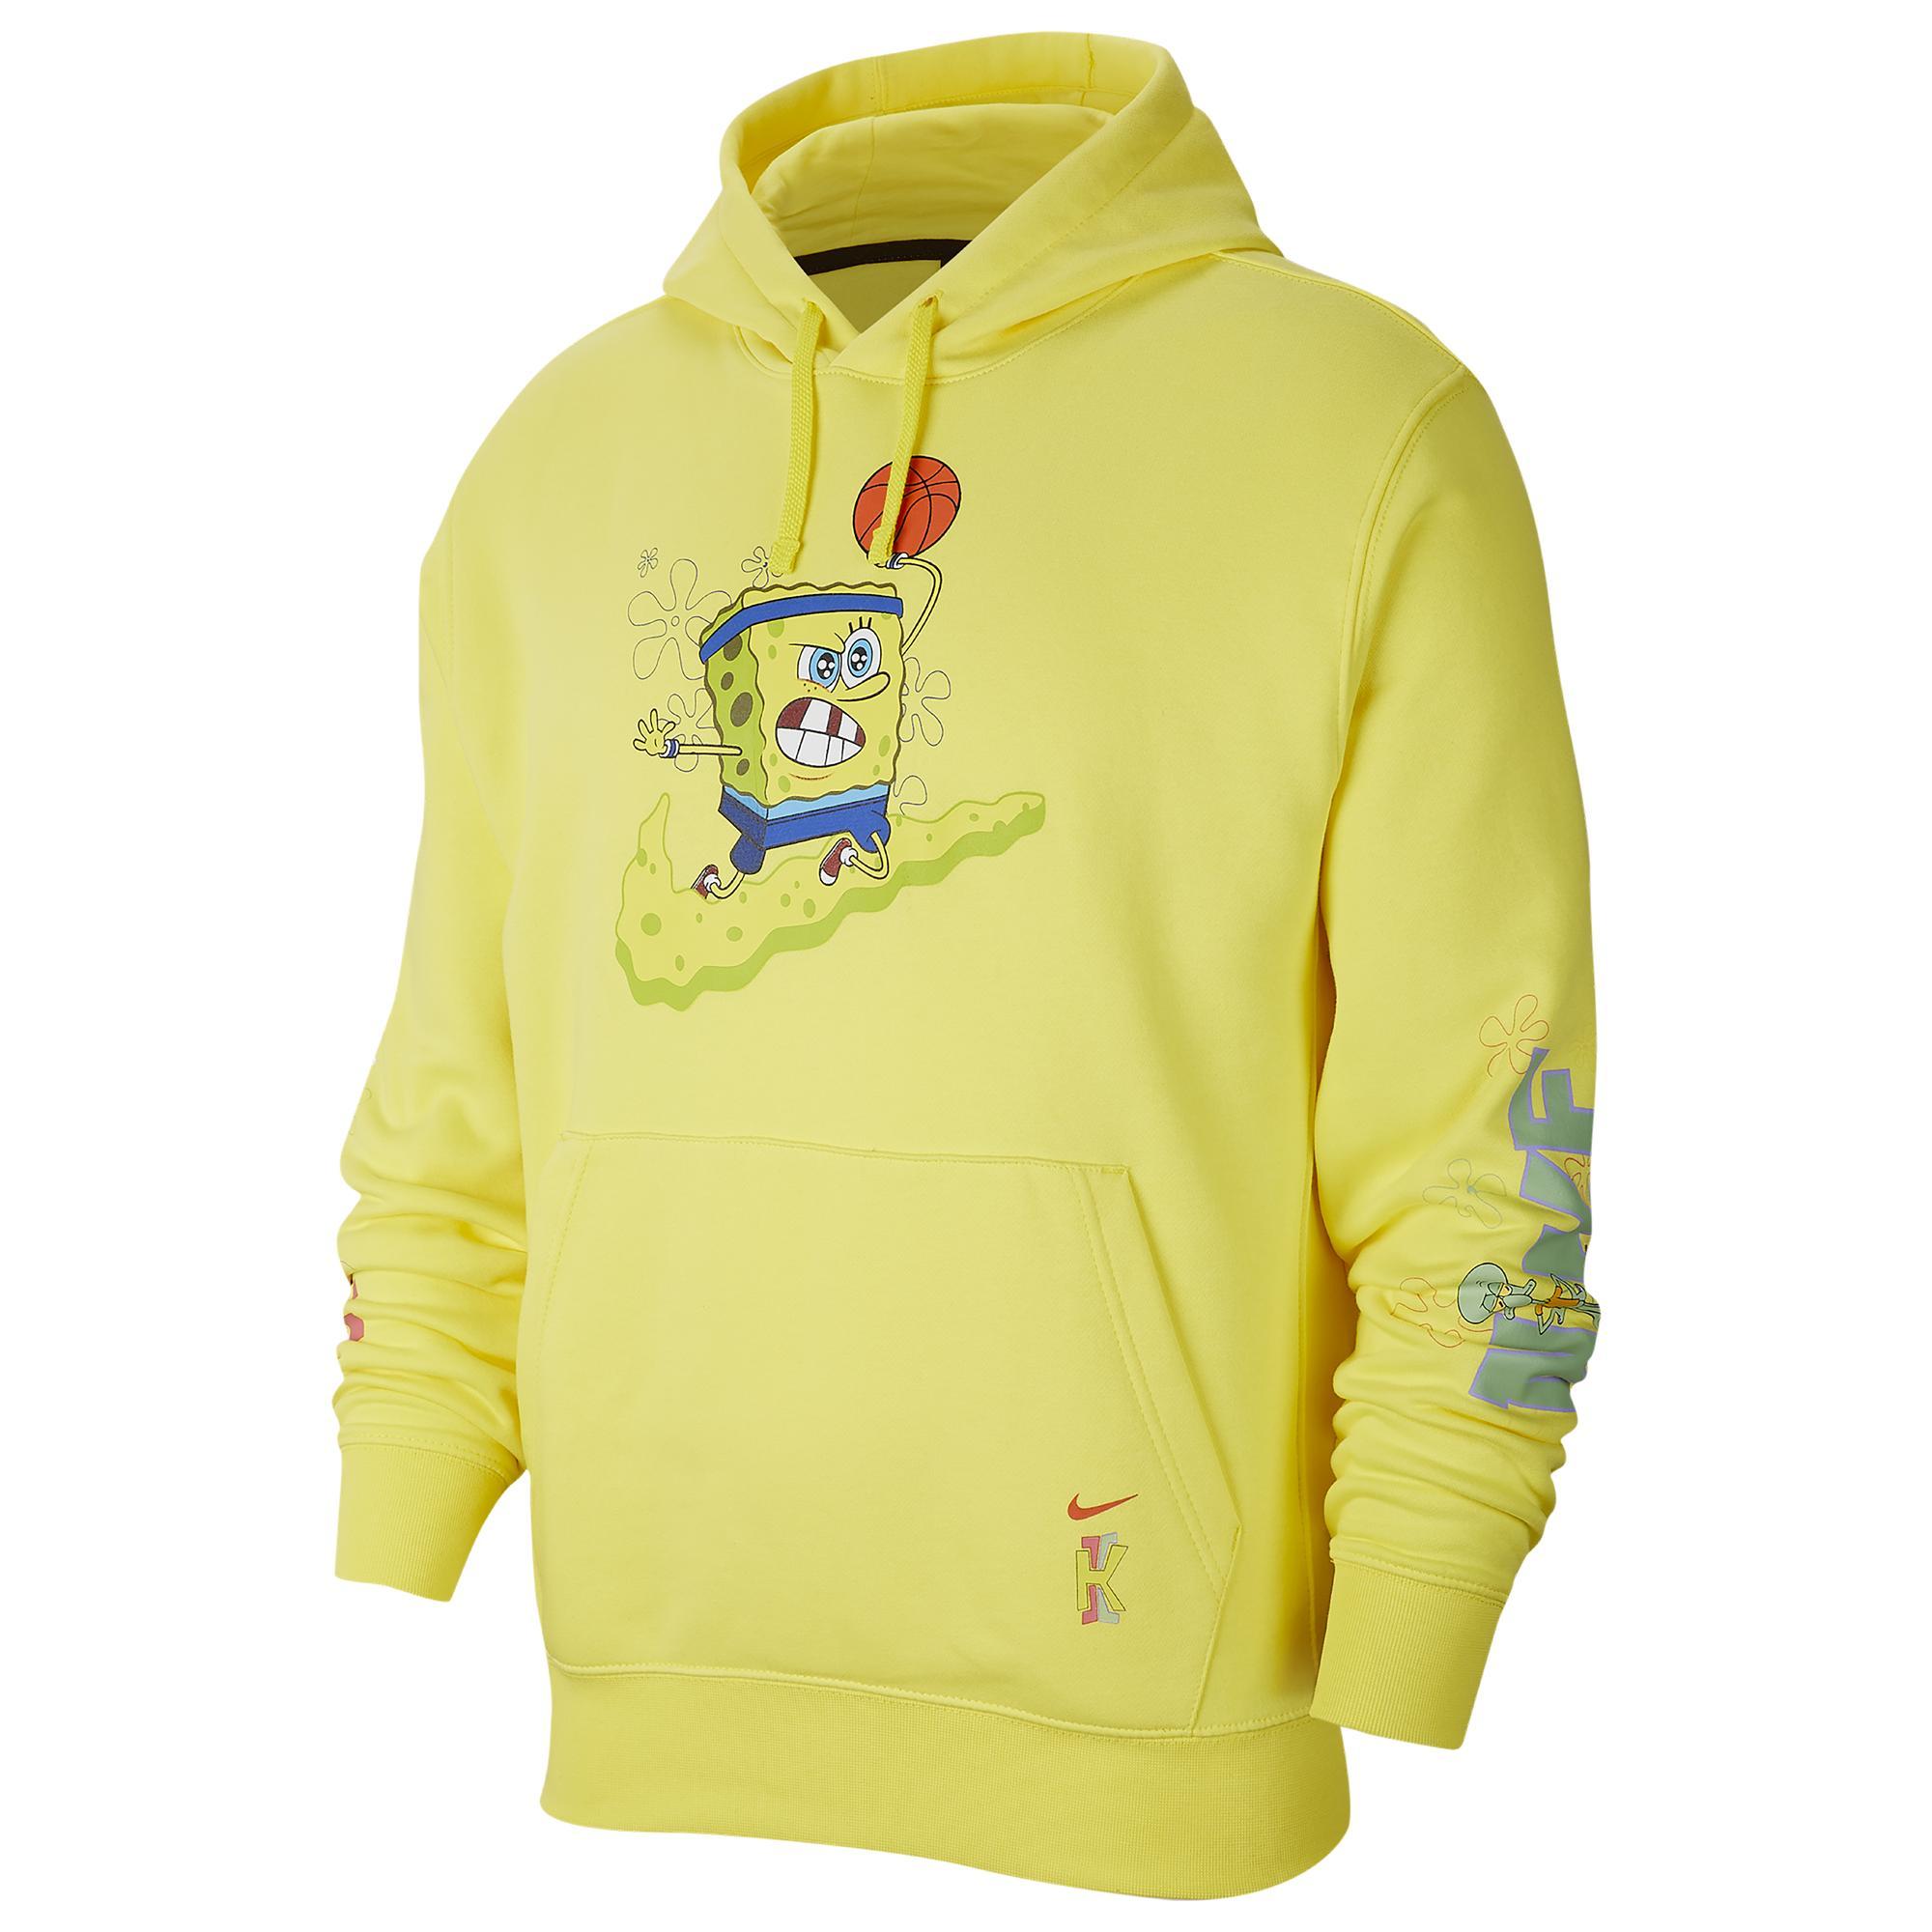 Kyrie Spongebob Pullover Hoodie